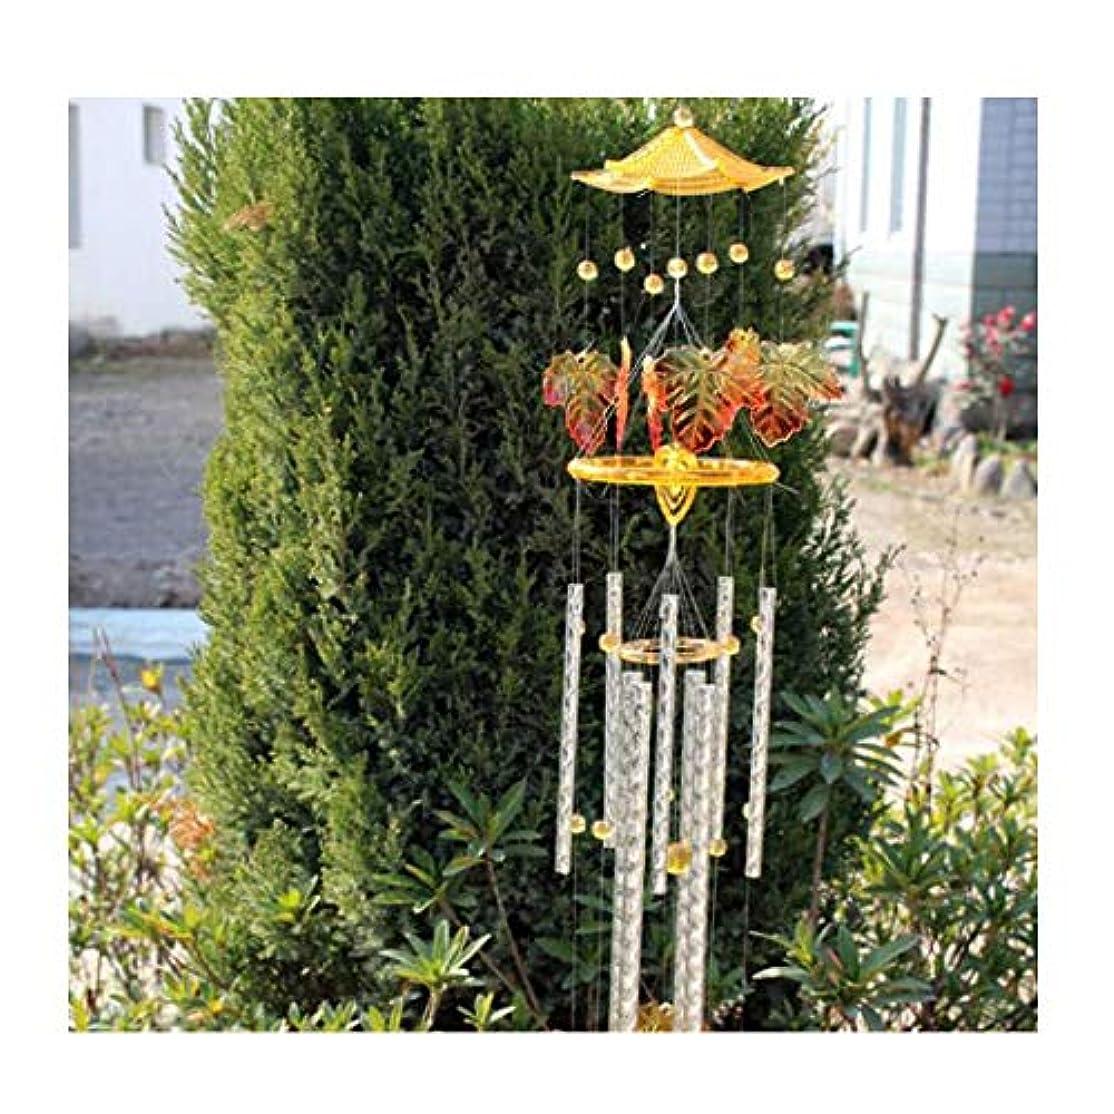 ノミネート鋭く教養がある風鈴、創造的なカエデの葉9チューブ風鈴飾り、家庭のリビングルームベッドルーム中庭の装飾、毎日の贈り物 (Color : Yellow, Size : 90cm)